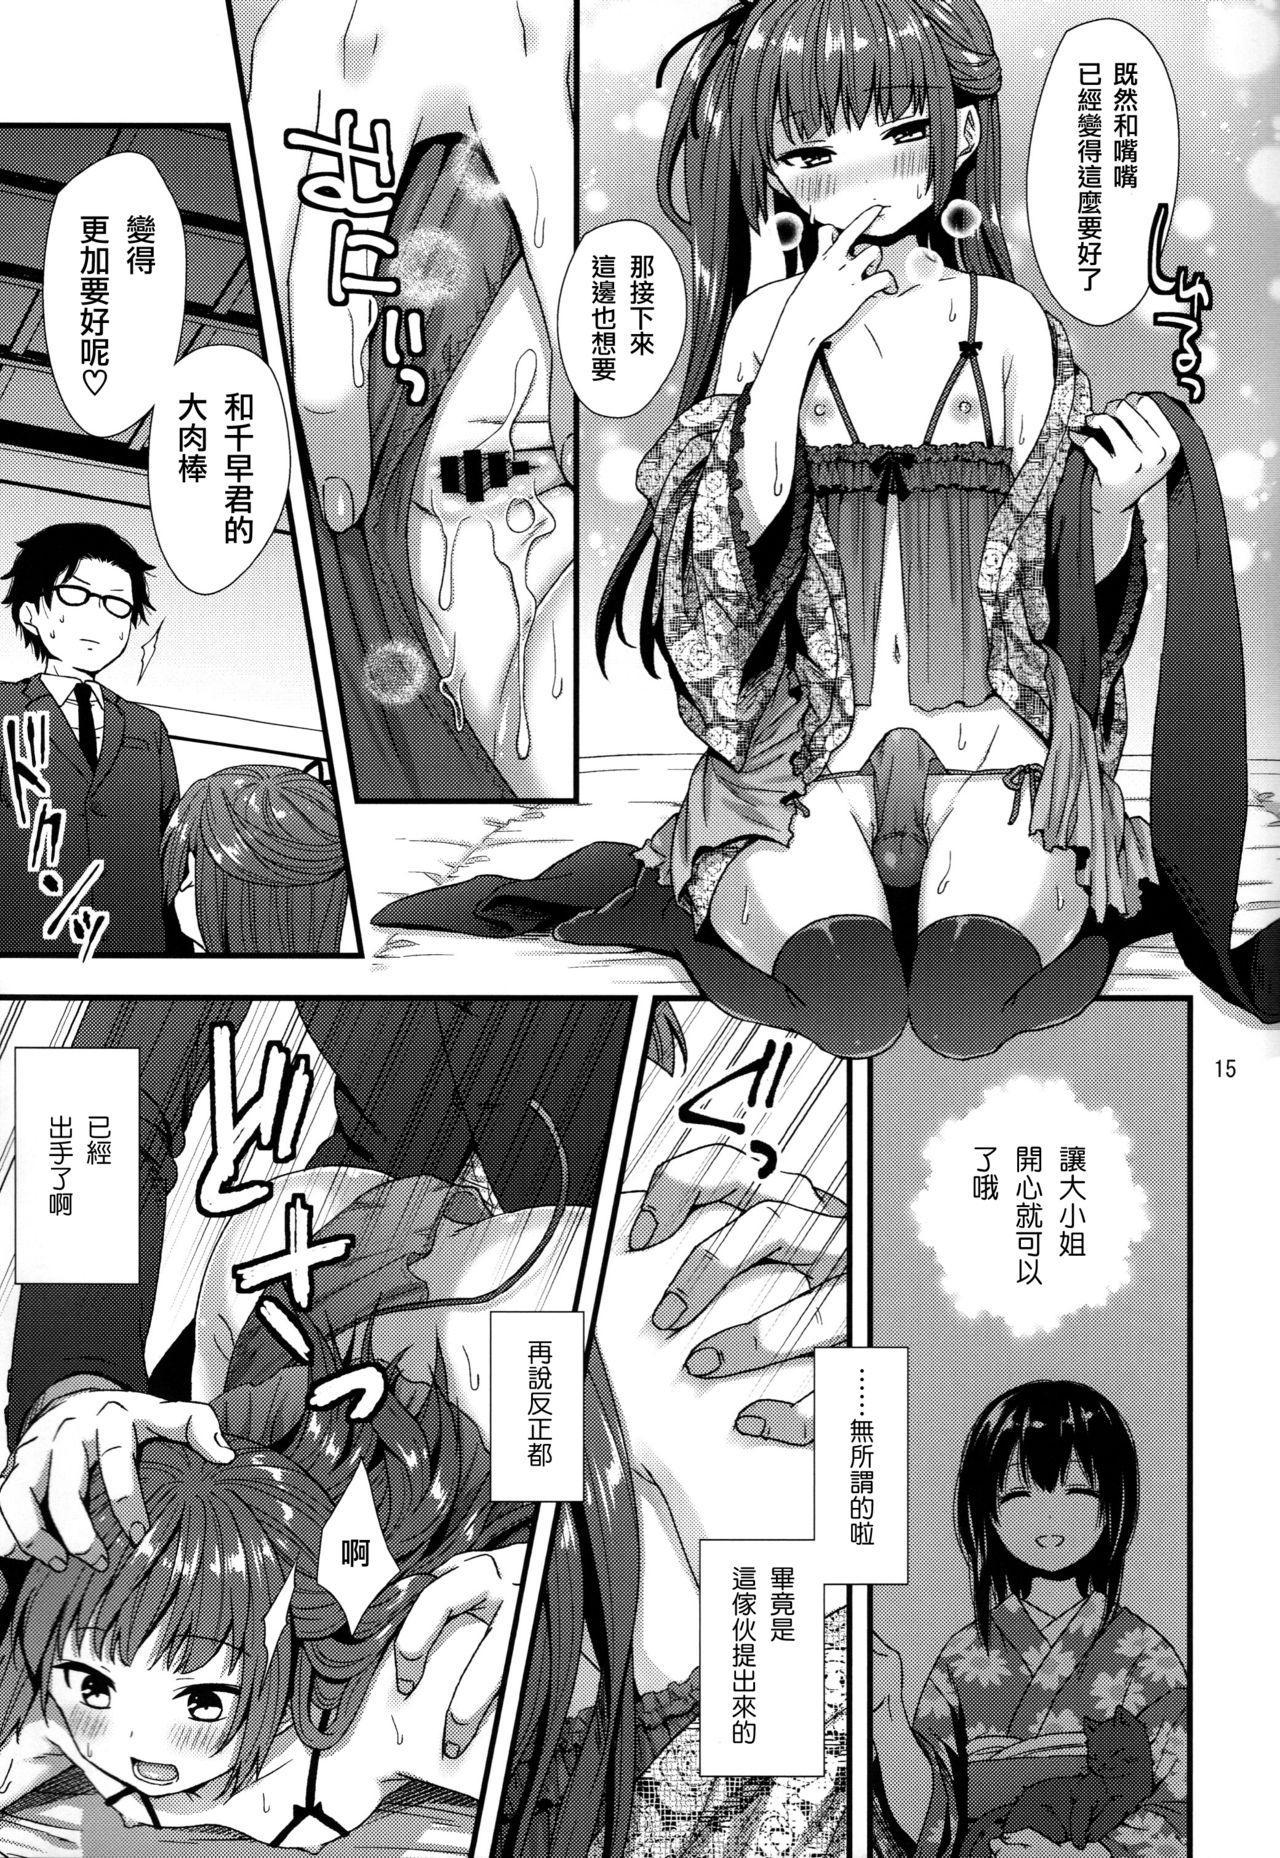 Ojou-sama wa Semeraretai 14